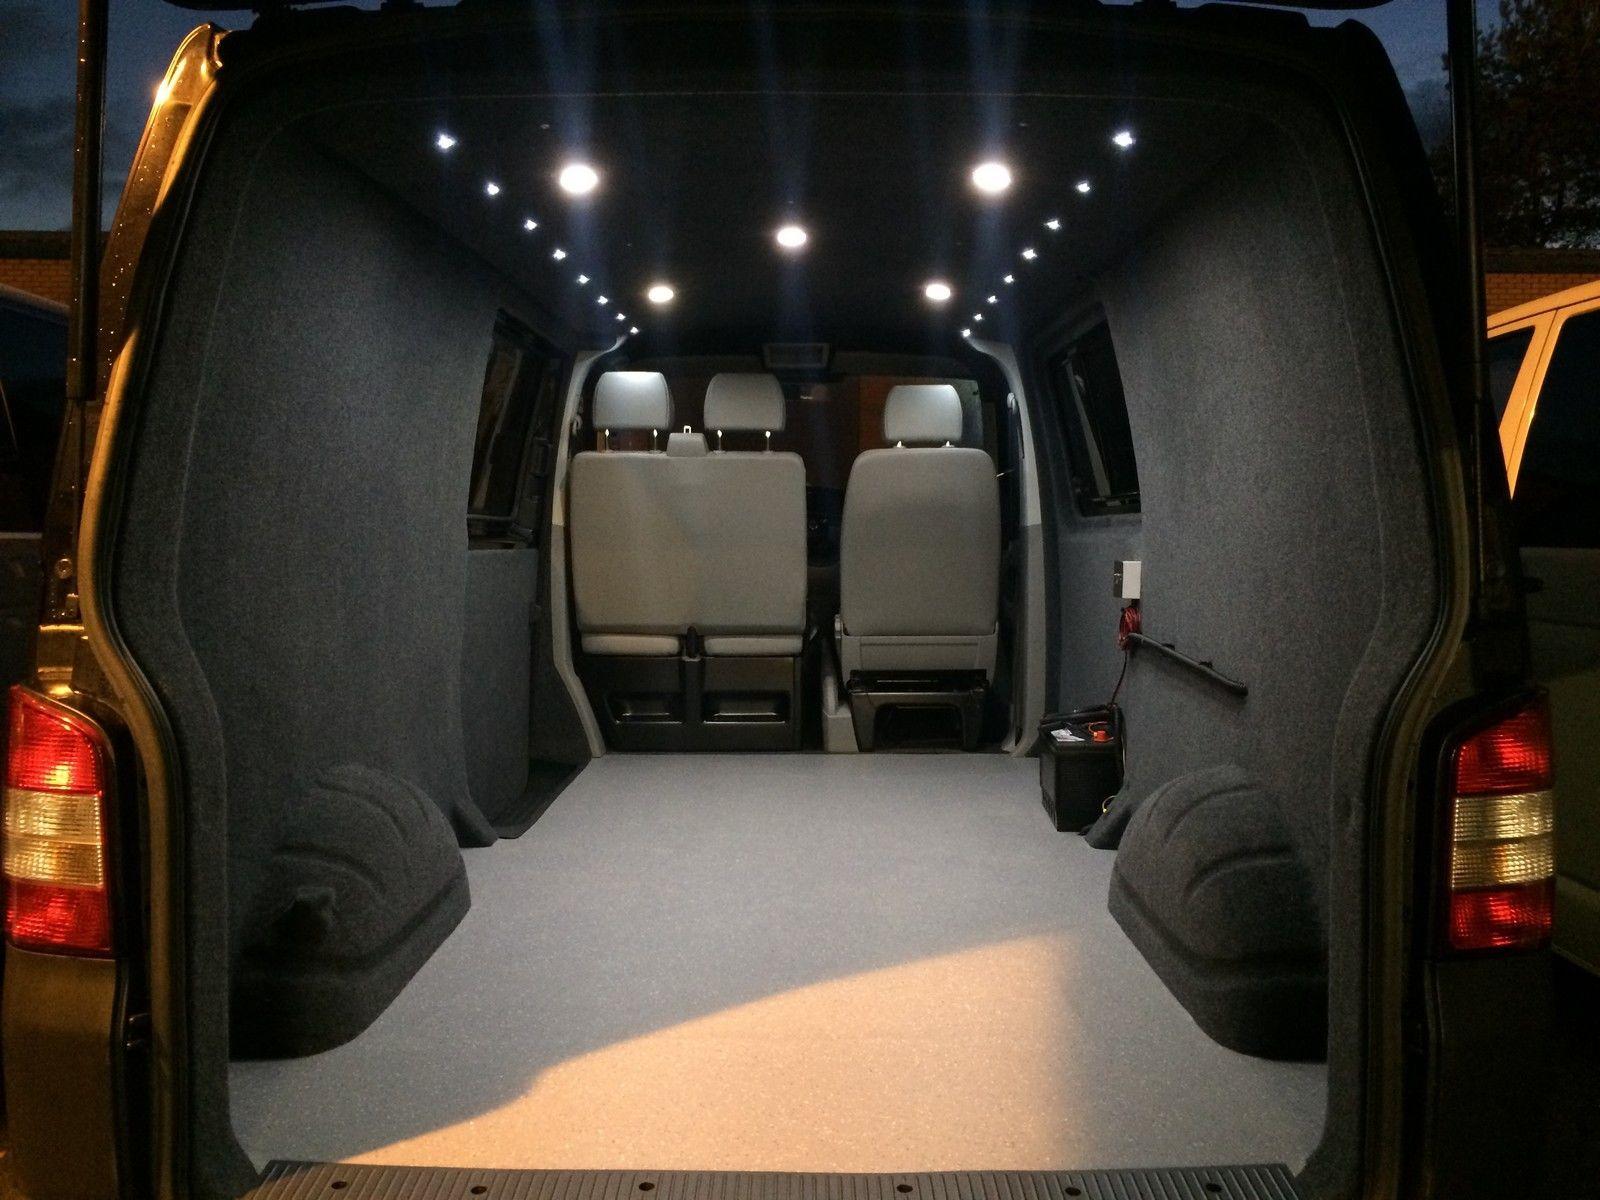 Https Www Ebay Co Uk Itm Vw T6 T5 Carpet Lining Service Premium Quality Suede Ceiling Camper Van 163363440422 Hash Ite Van Volkswagen Bus Interior Camper Van